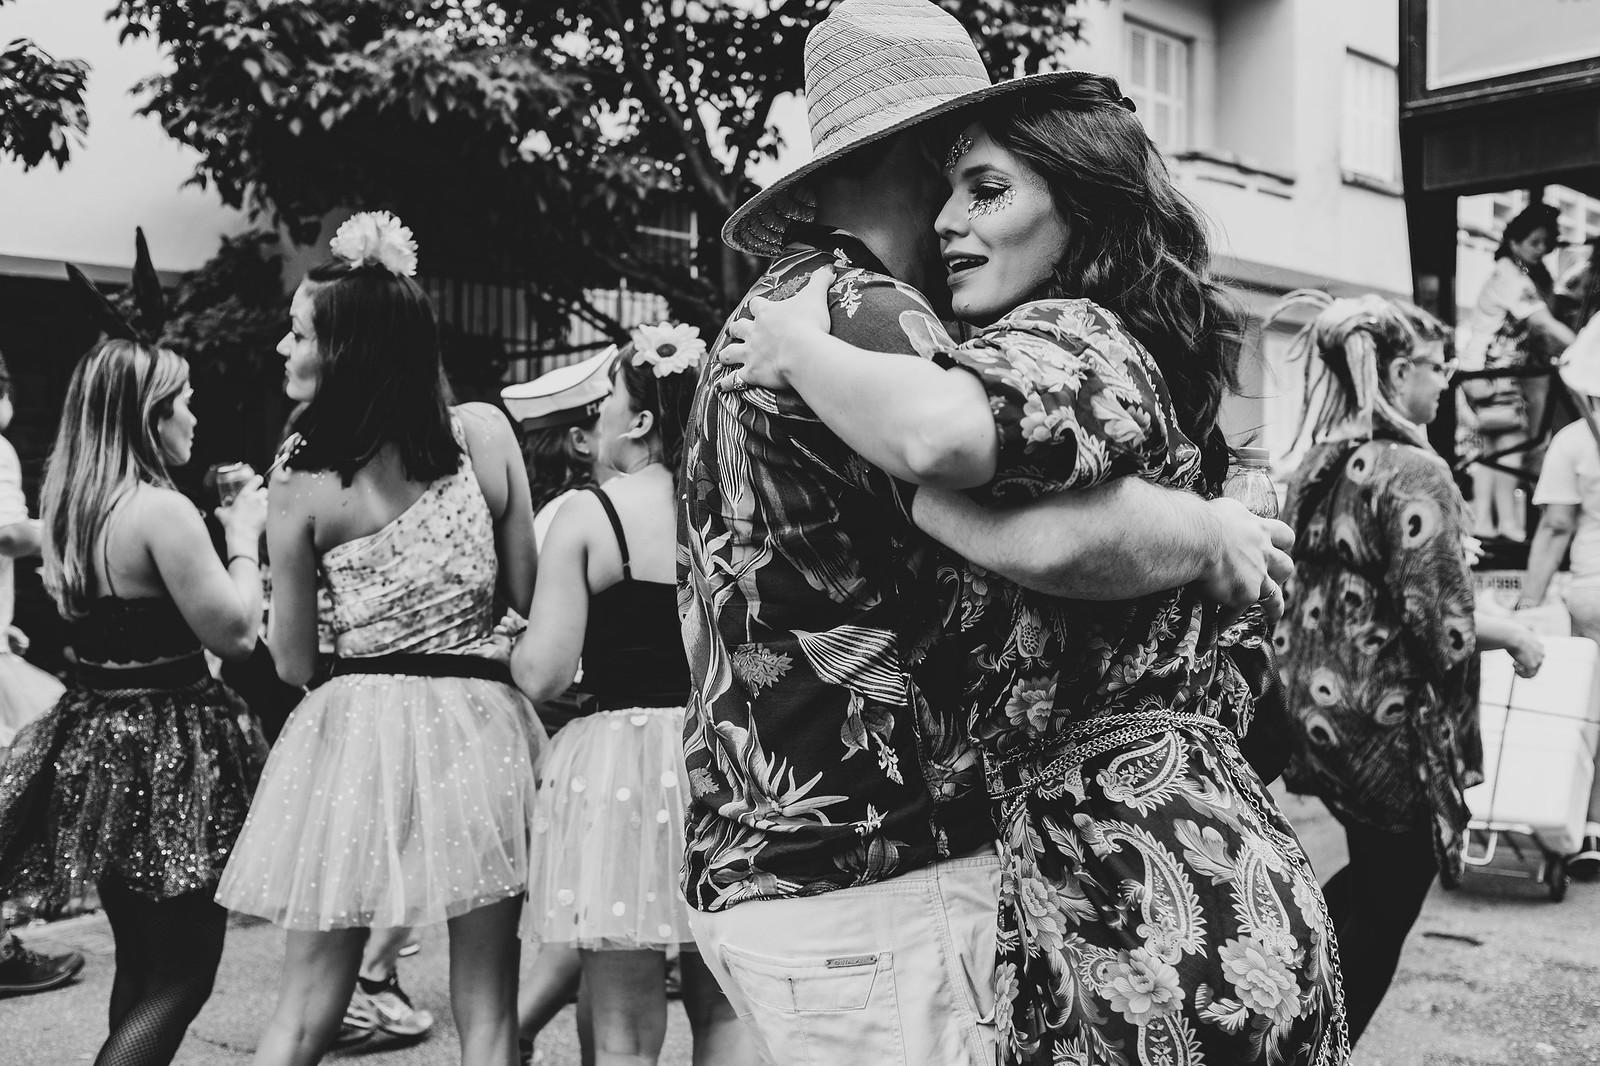 Carnaval de Rua de São Paulo 2020 Bloco Carimbolando